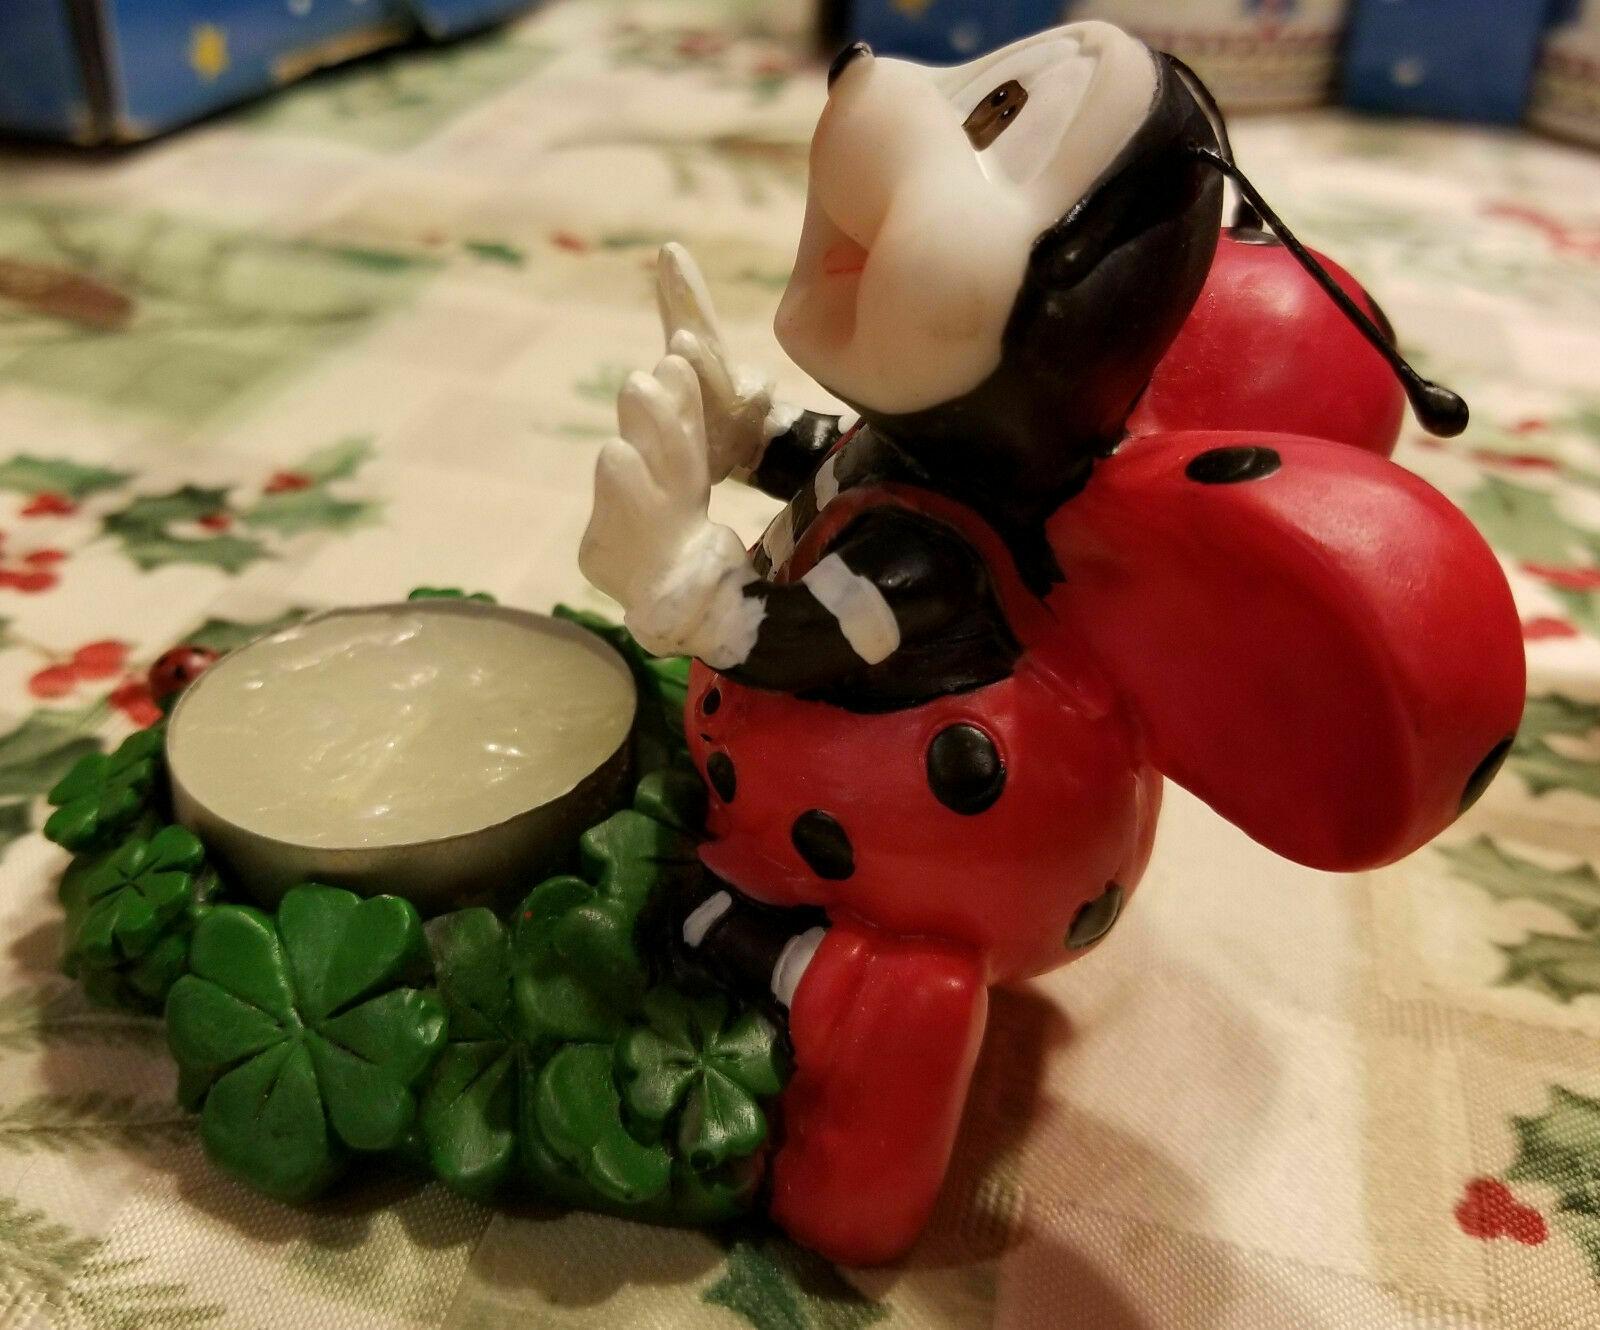 Ladybug Tealight Votive Candle Holder